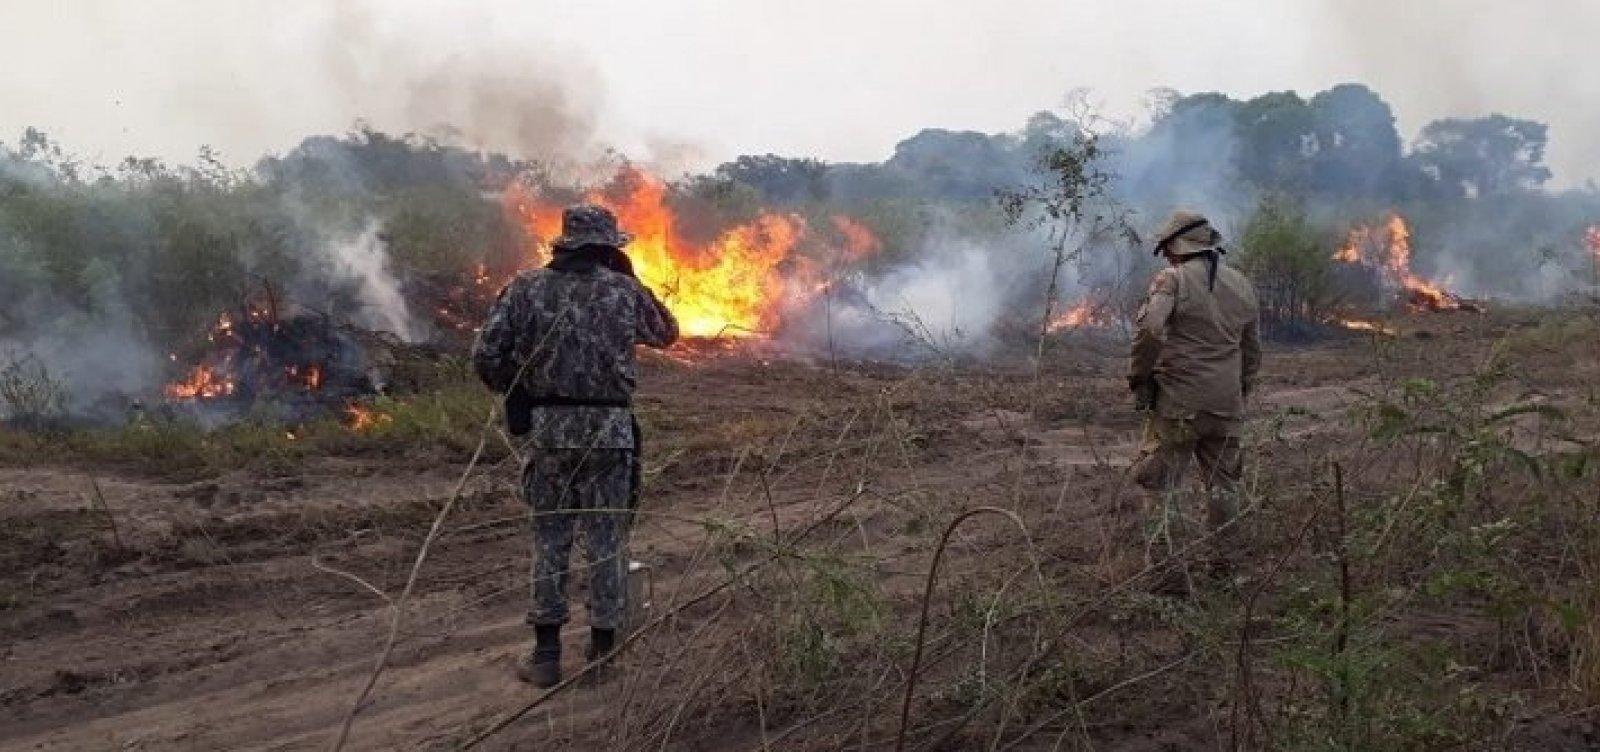 [Pantanal registra 2,5 mil focos de incêndio em 14 dias e já tem o segundo pior outubro da história]